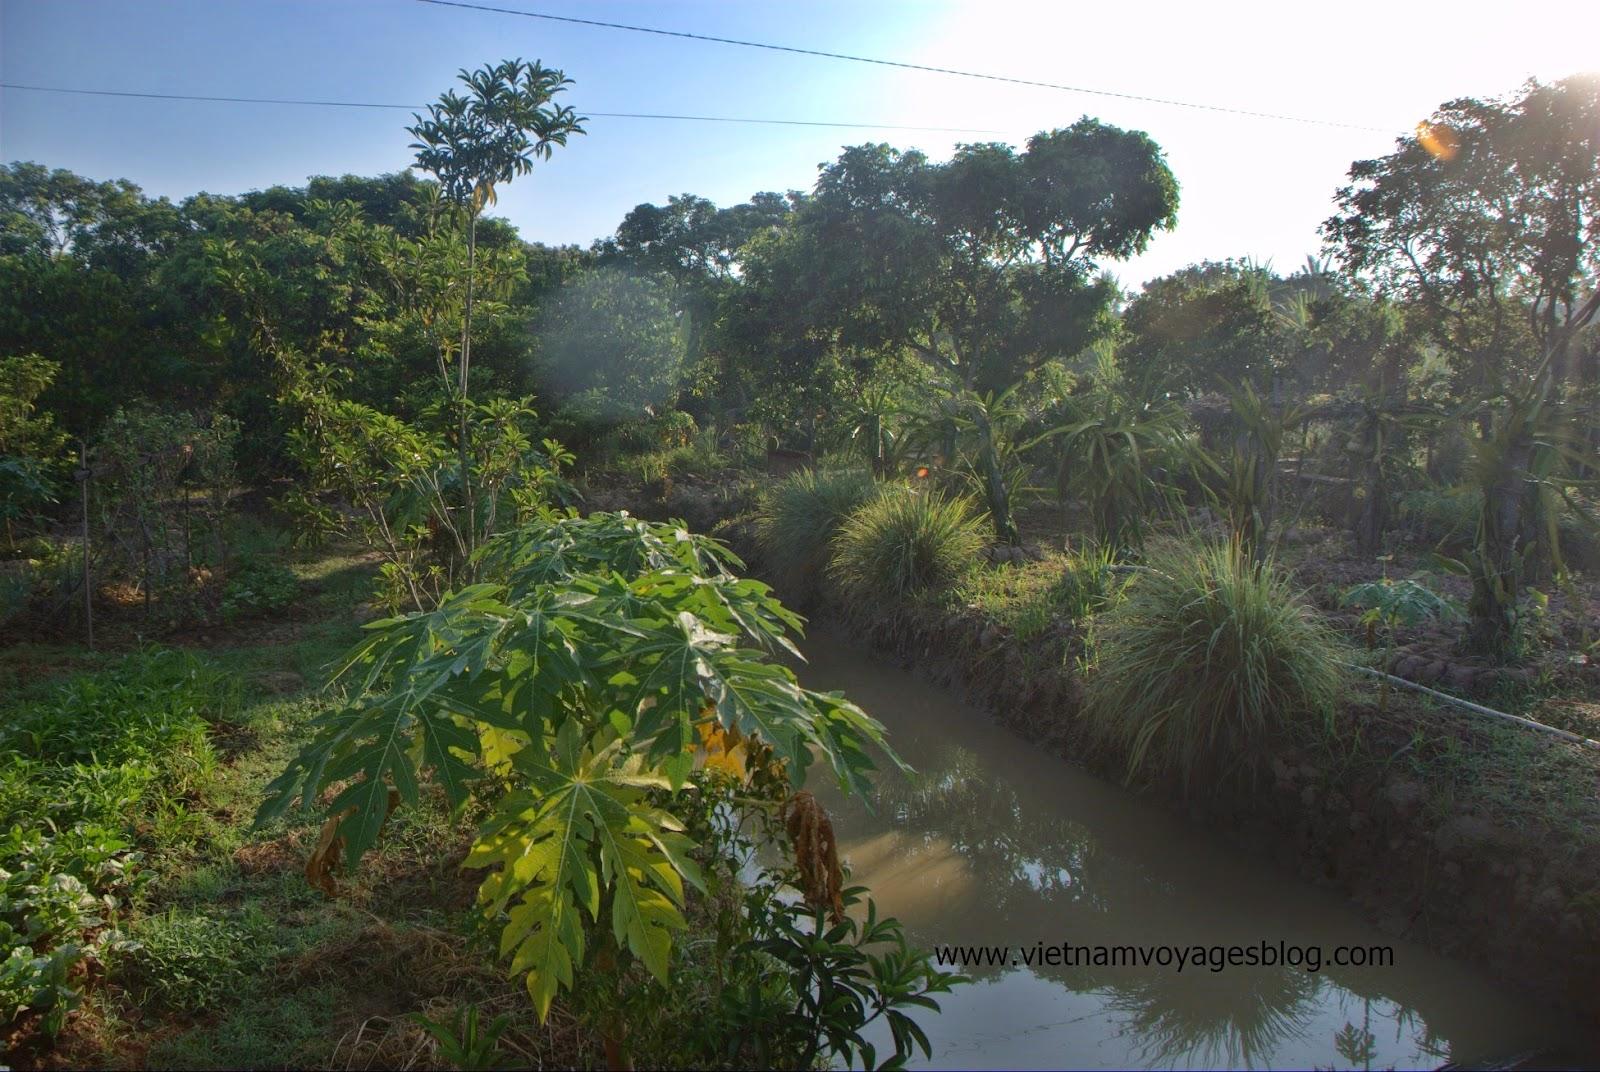 Vườn rộng và yên tĩnh, thoáng mát